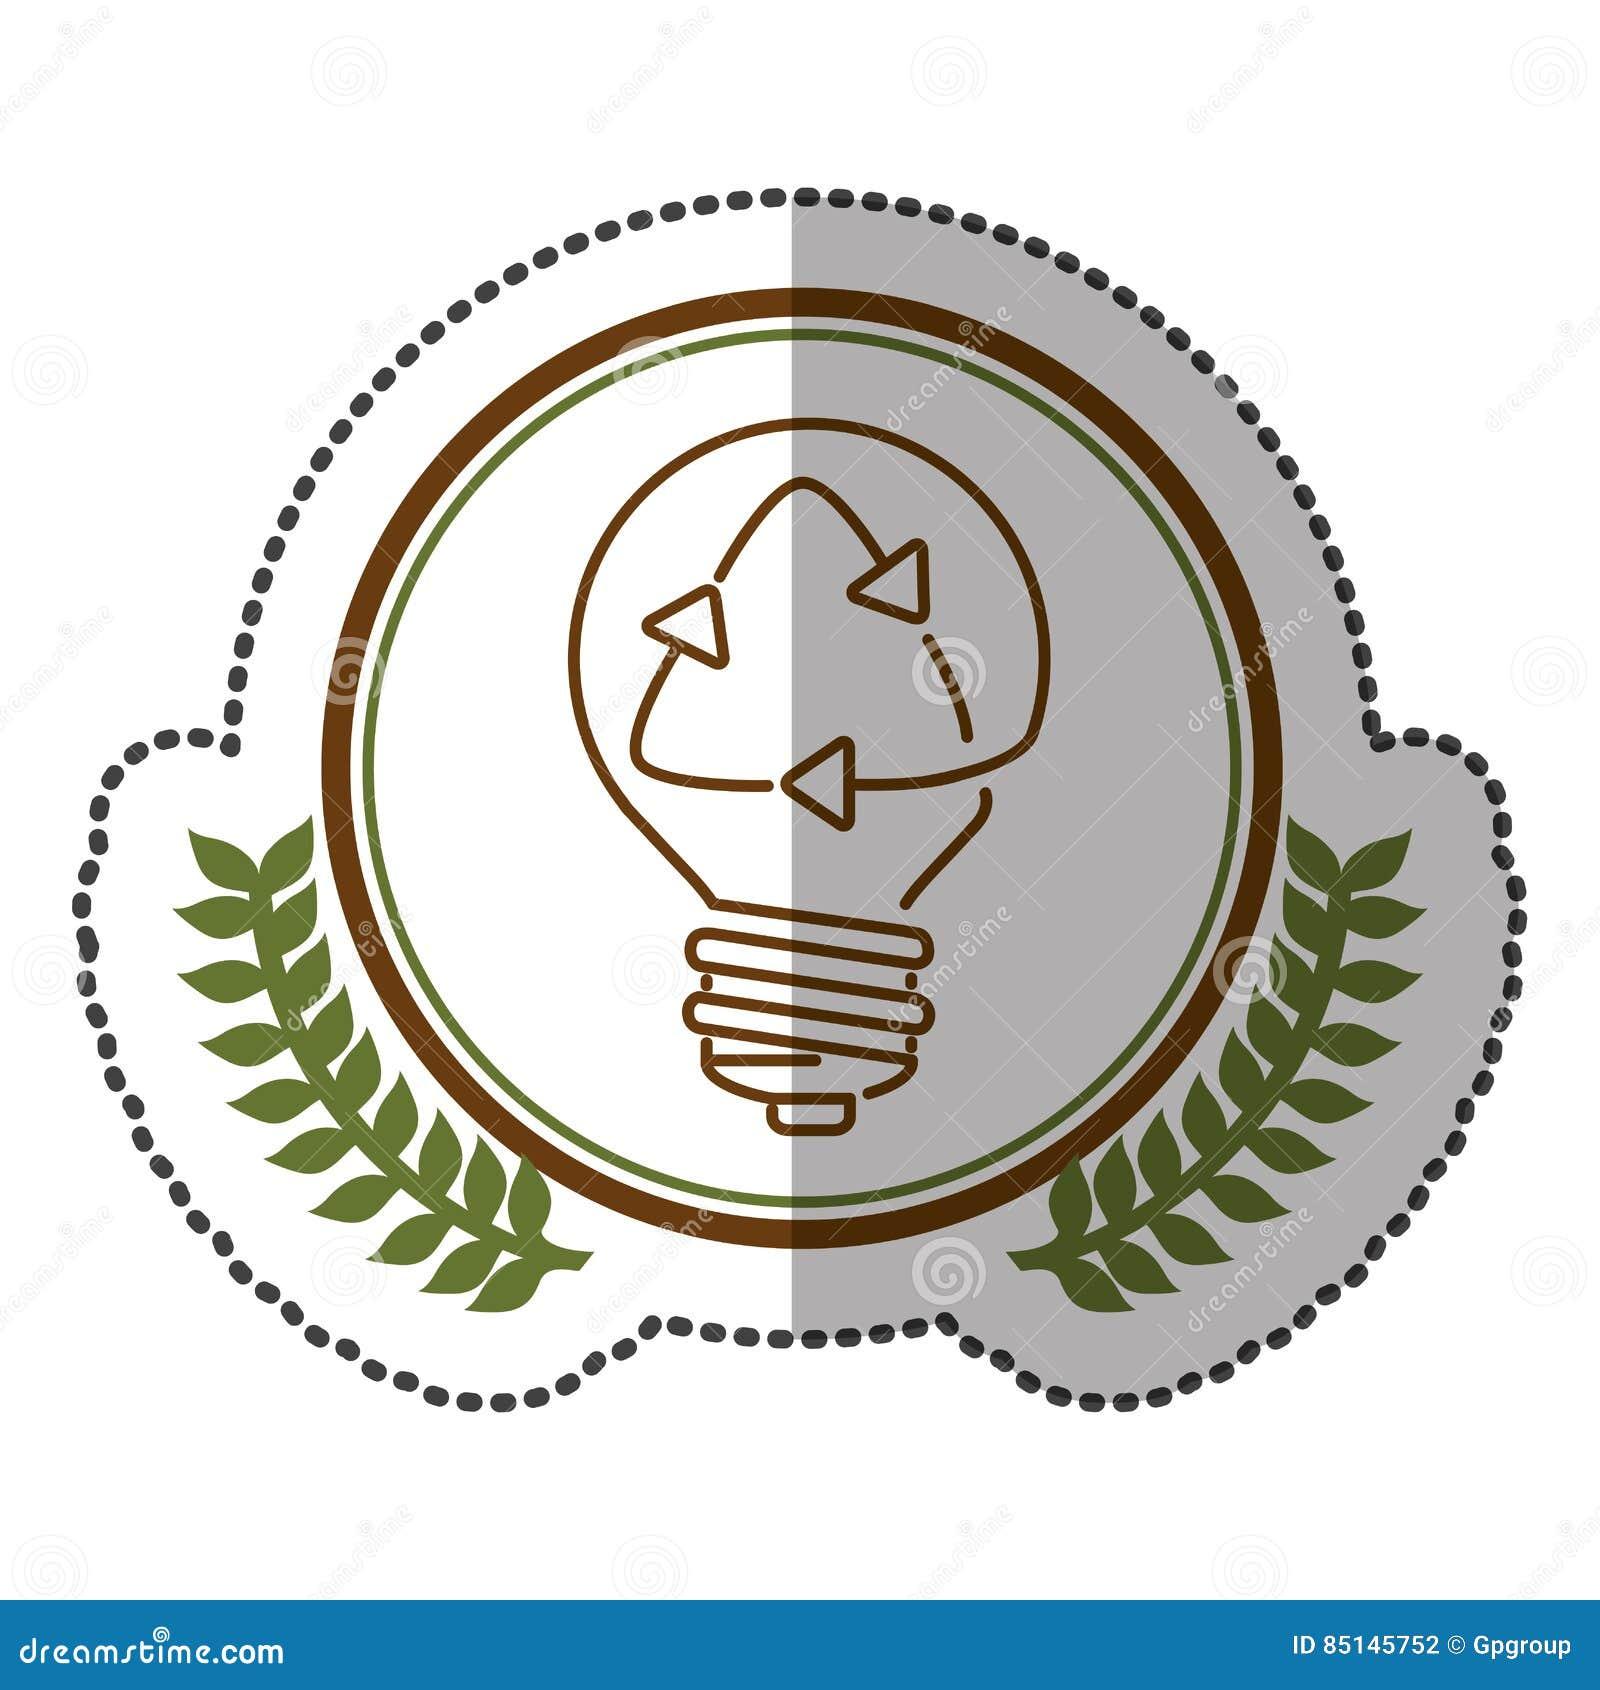 Mittlerer Schattenaufkleber bunt mit olivgrüner Krone mit Glühlampe mit der Wiederverwertung des Symbols im Kreis